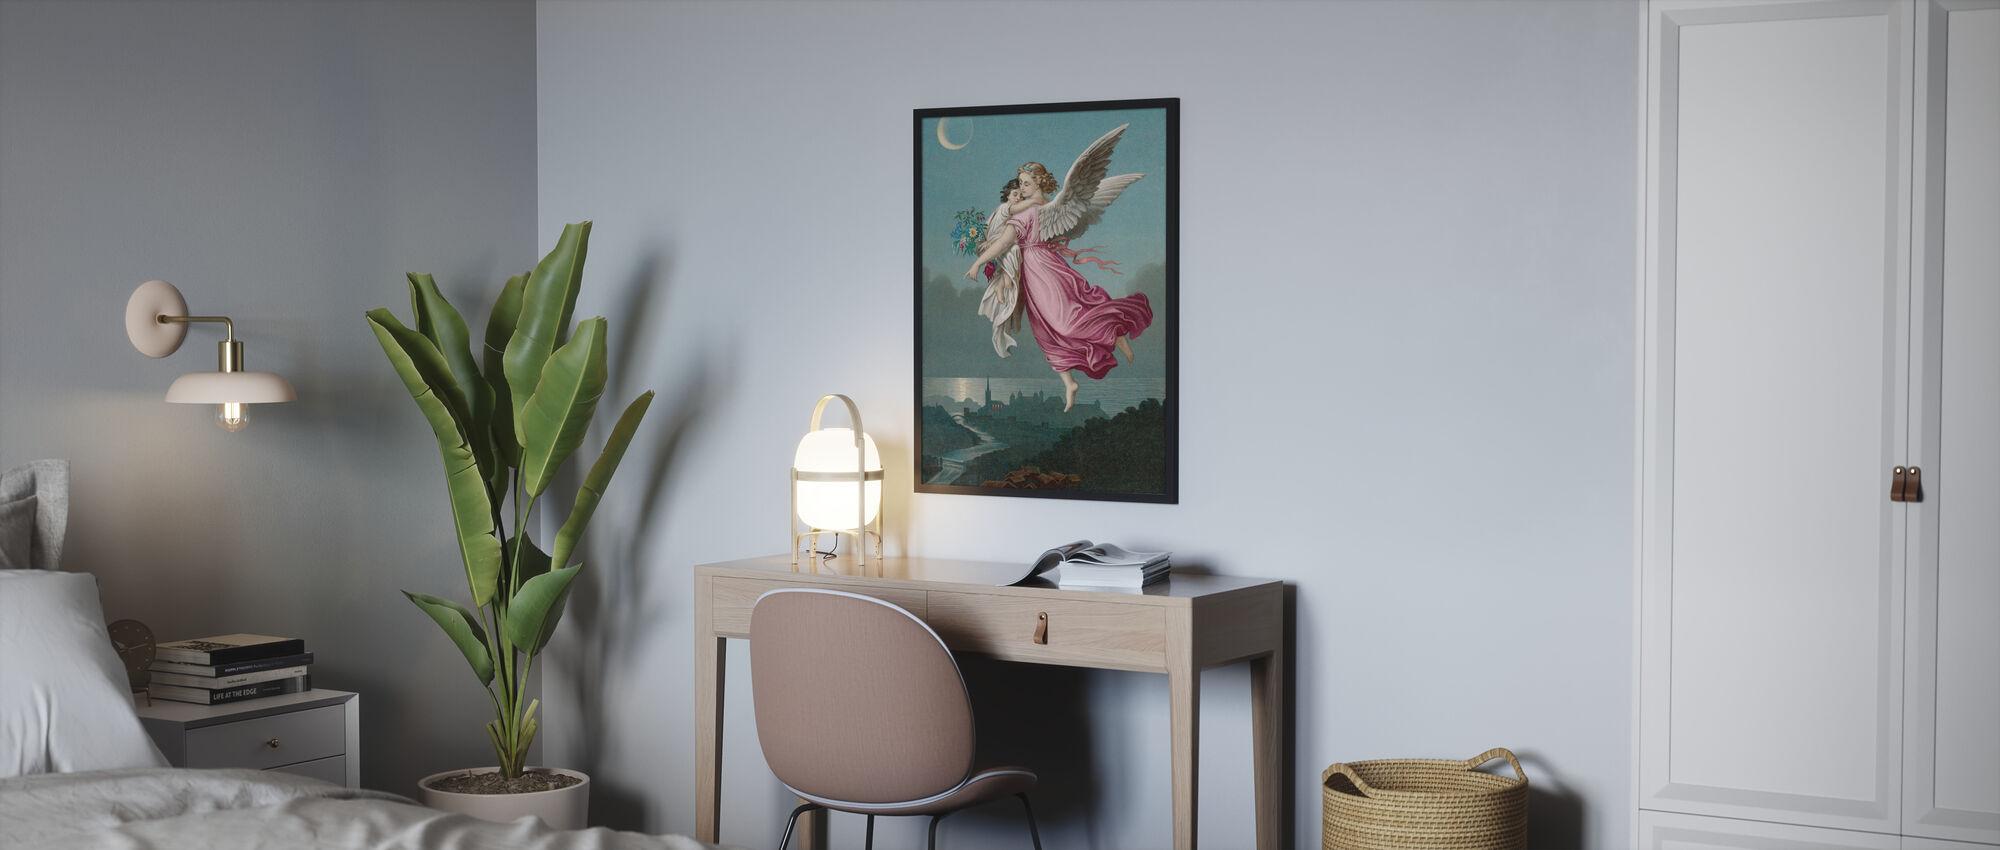 Bär - Poster - Sovrum